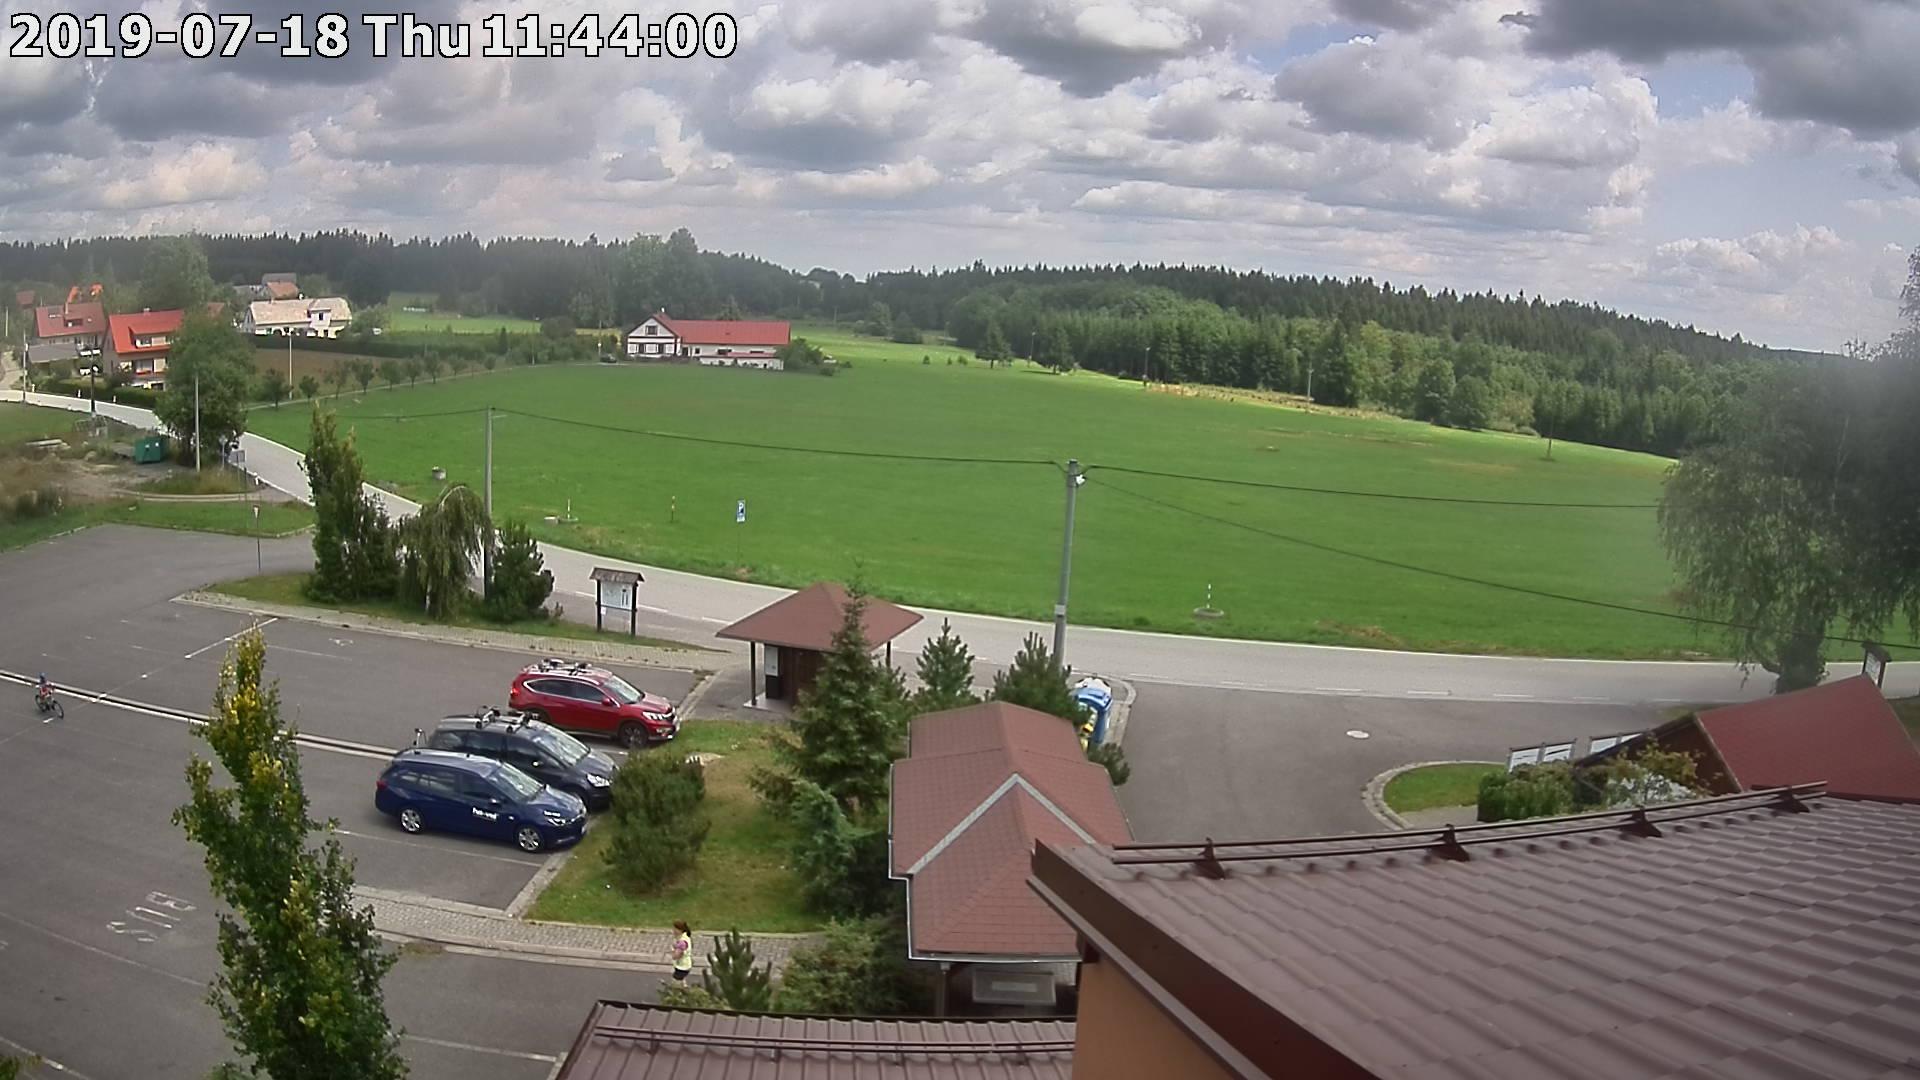 Webkamera ze dne 2019-07-18